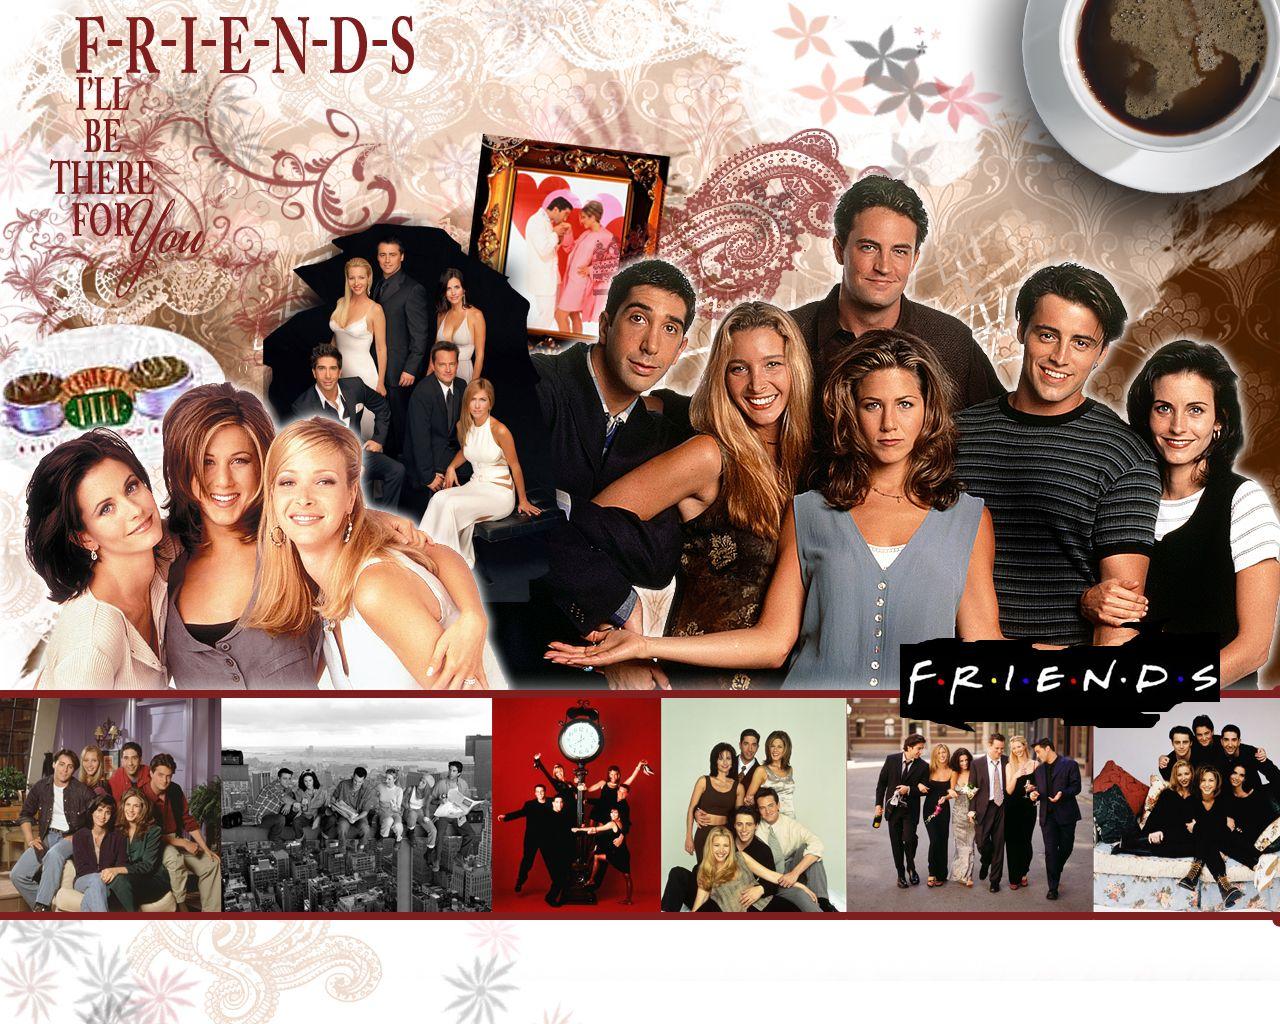 tv show friends wallpaper   wwwhigh definition wallpapercom 1280x1024